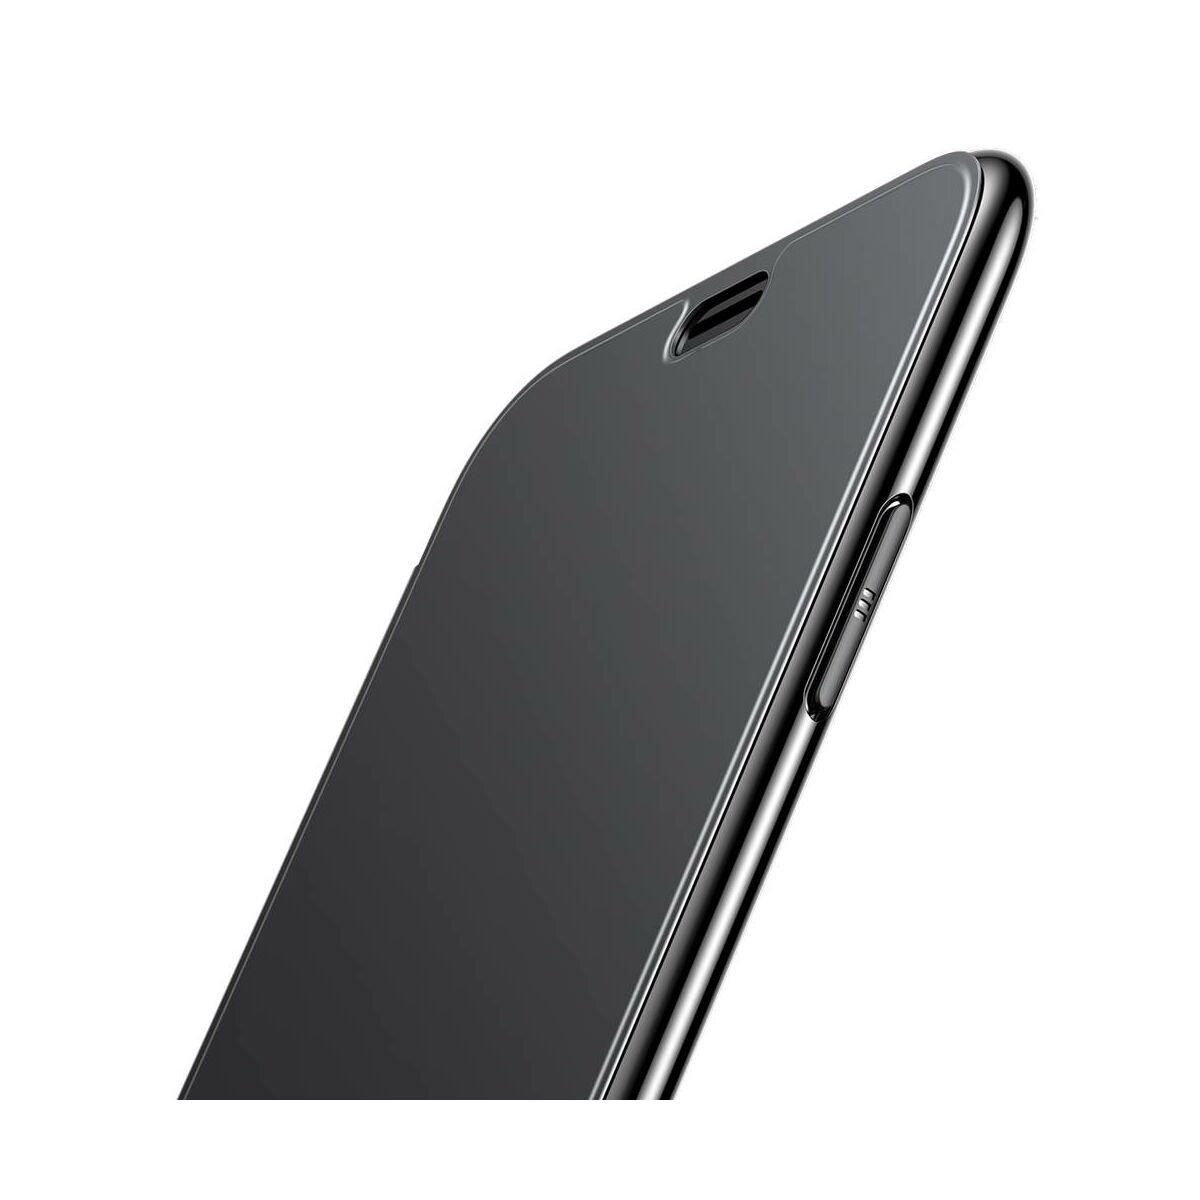 Baseus iPhone XS Max tok, Touchable kihajtható, érintőfelületű flip tok, fekete (WIAPIPH65-TS01)